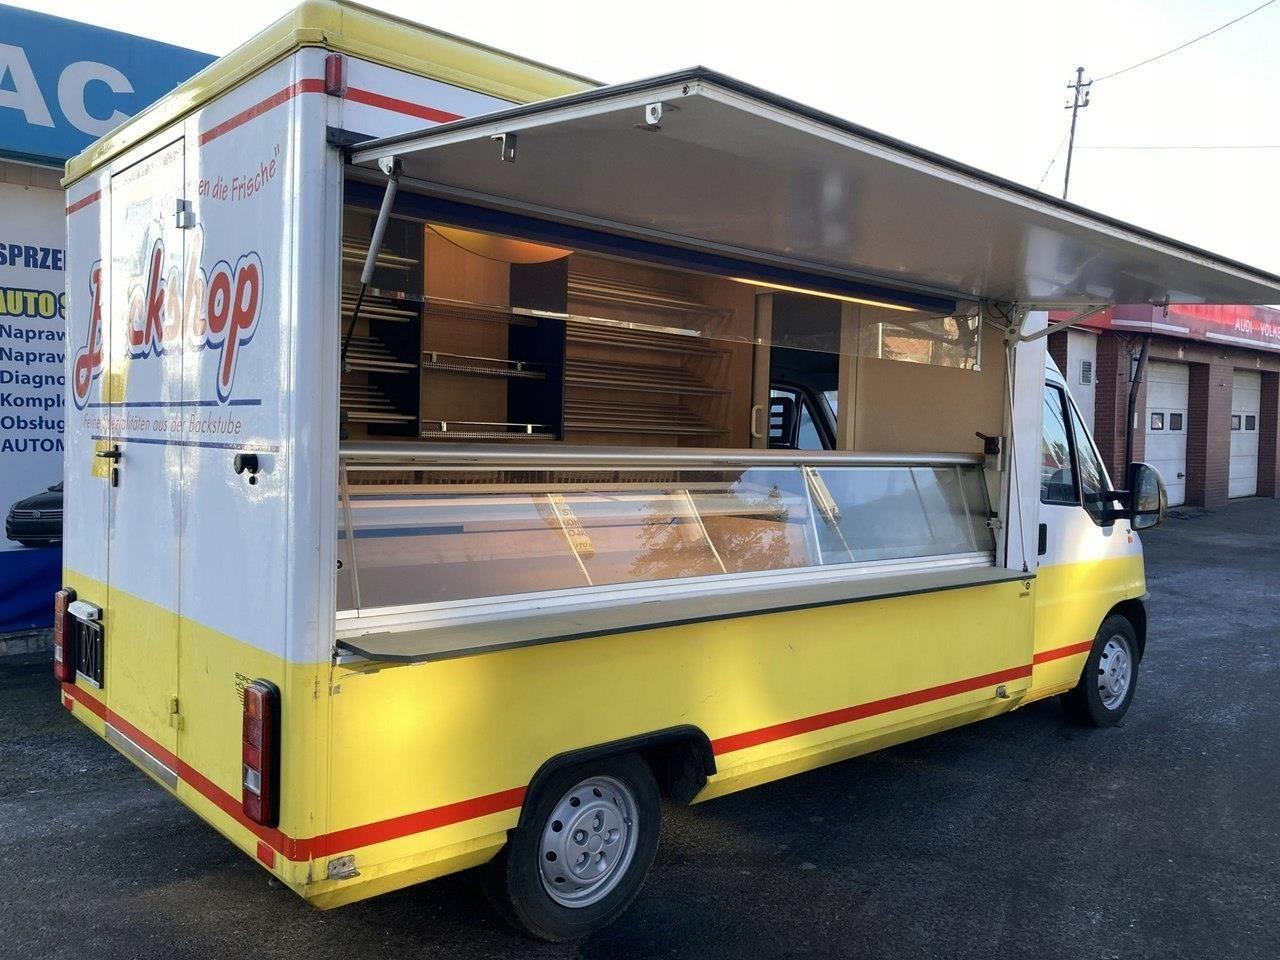 Autosklep Gastronomiczny Food Truck Foodtruck Borc Opinie I Ceny Na Ceneo Pl